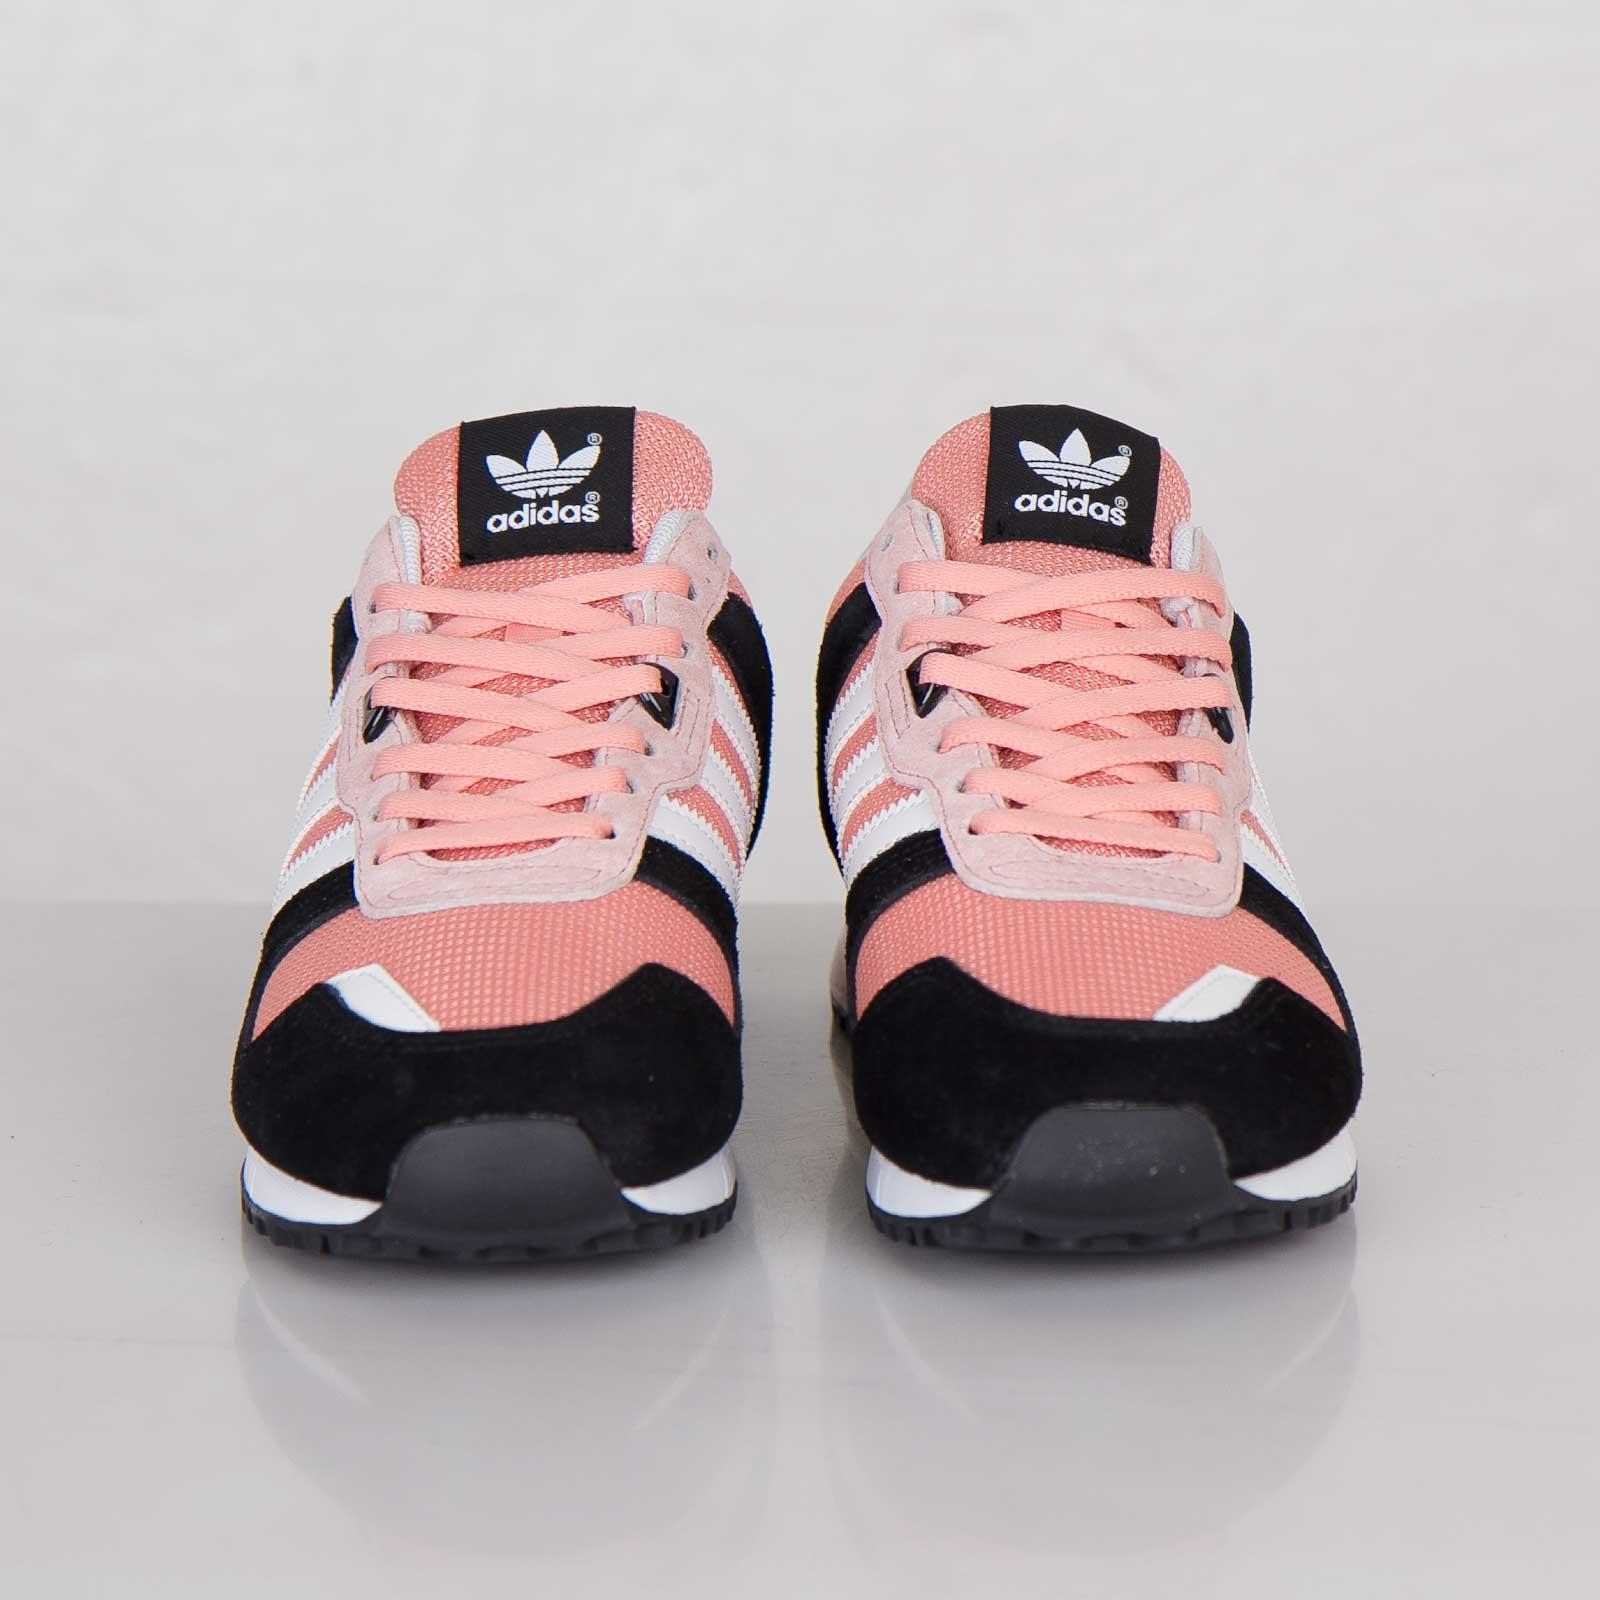 adidas w zx 700